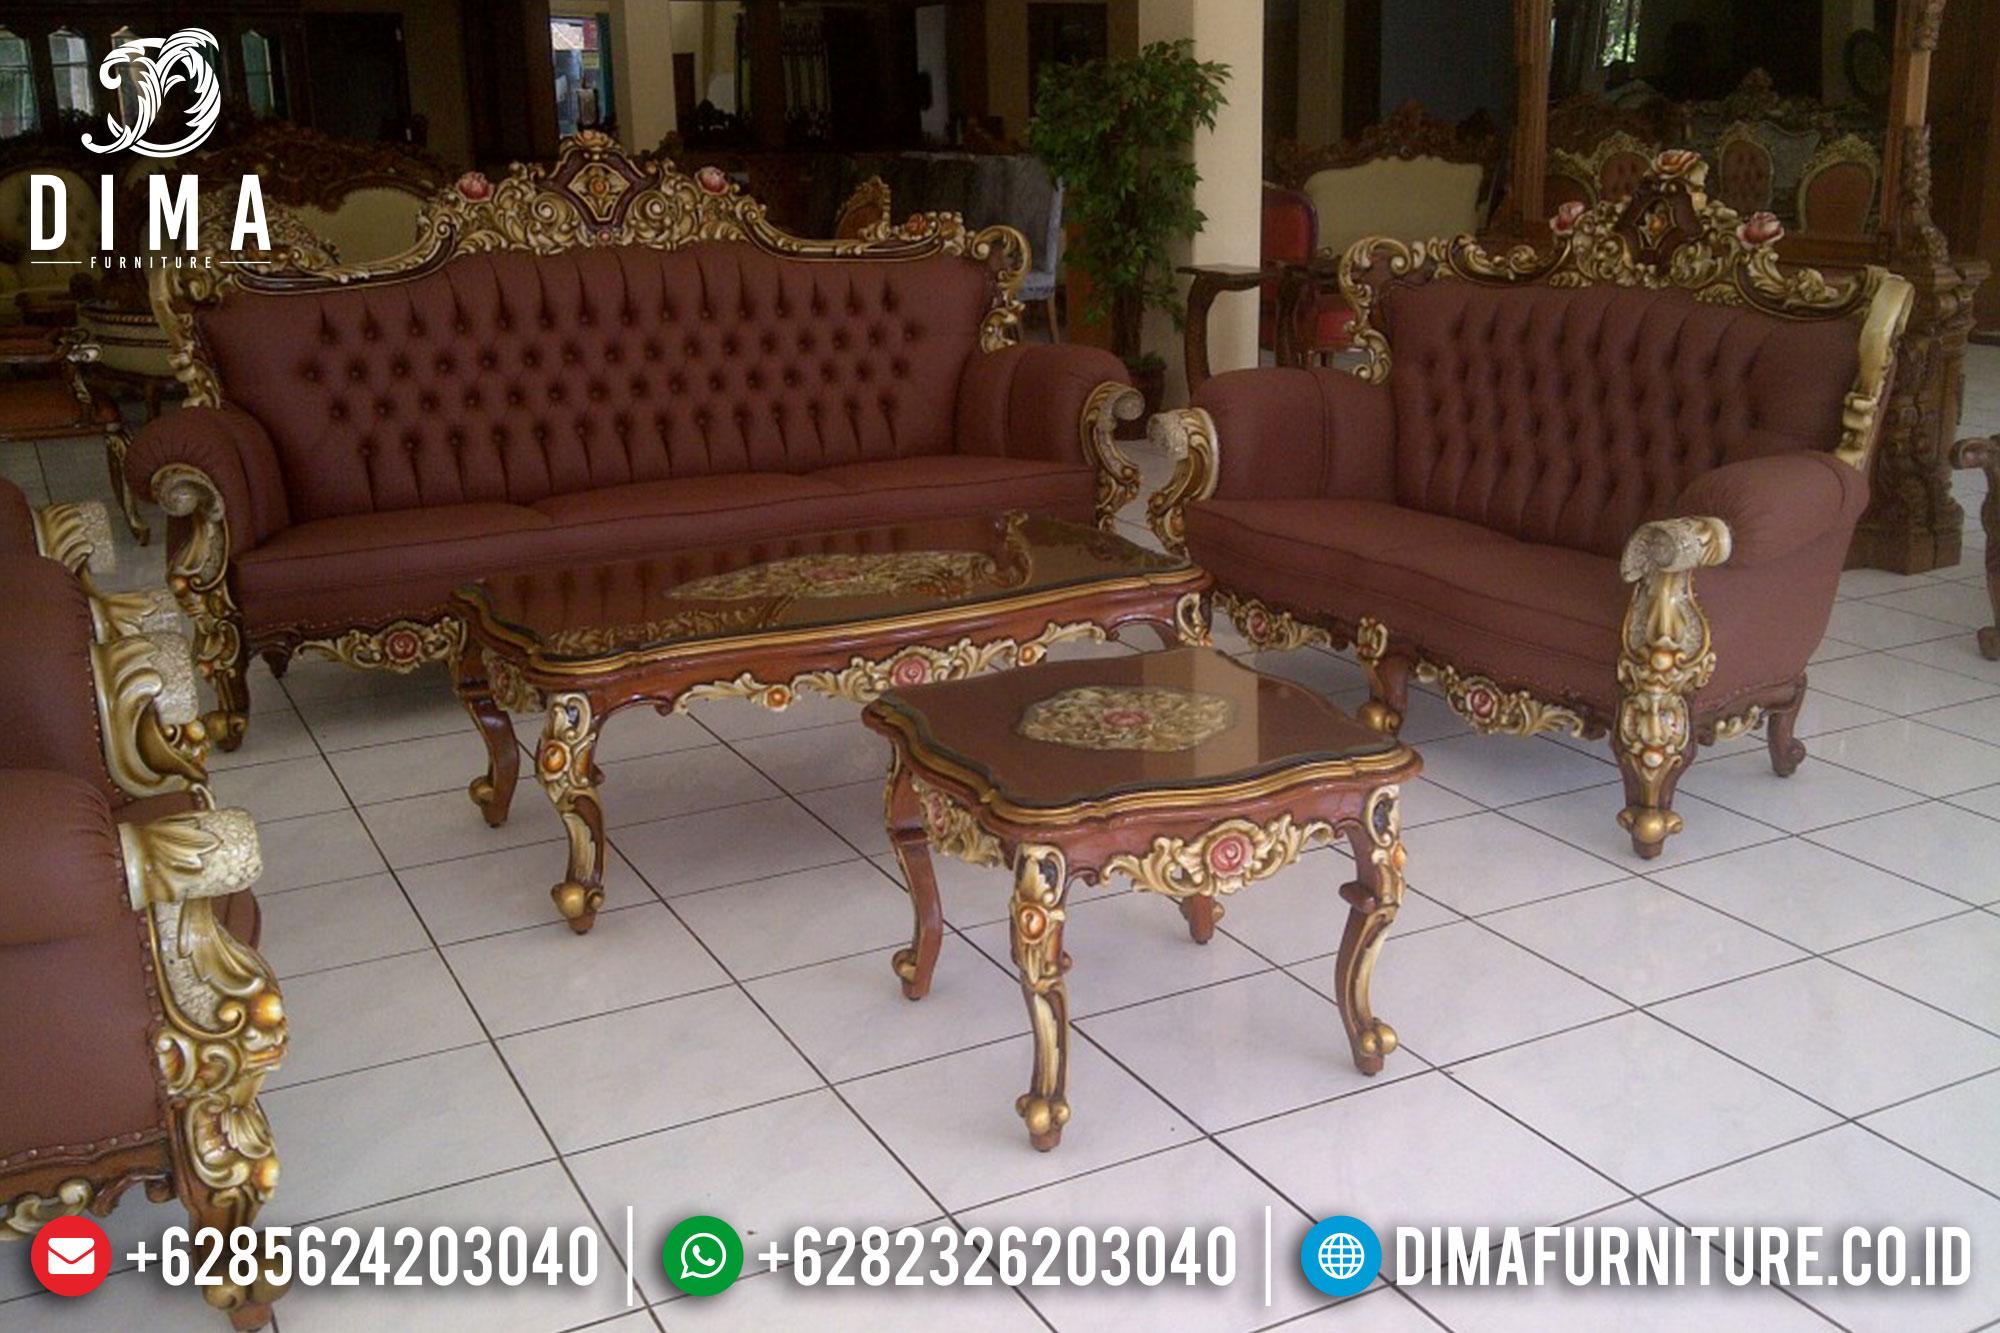 1 Set Kursi Sofa Tamu Ukir Jati Jepara Mewah Klasik Terbaru DF-0363